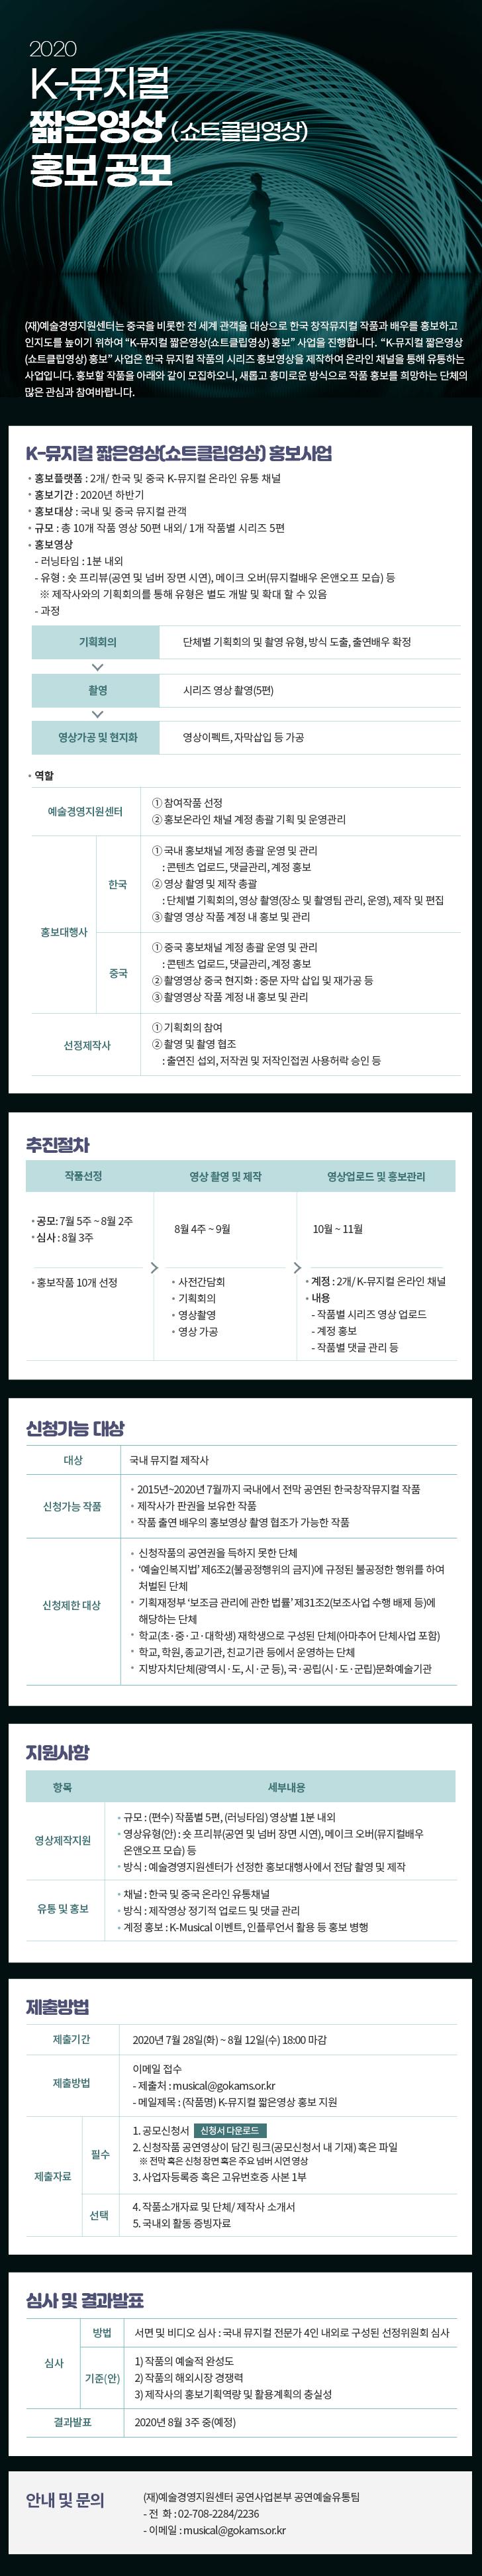 [예술경영지원센터]2020 K-뮤지컬 짧은영상(쇼트클립영상) 홍보 공모